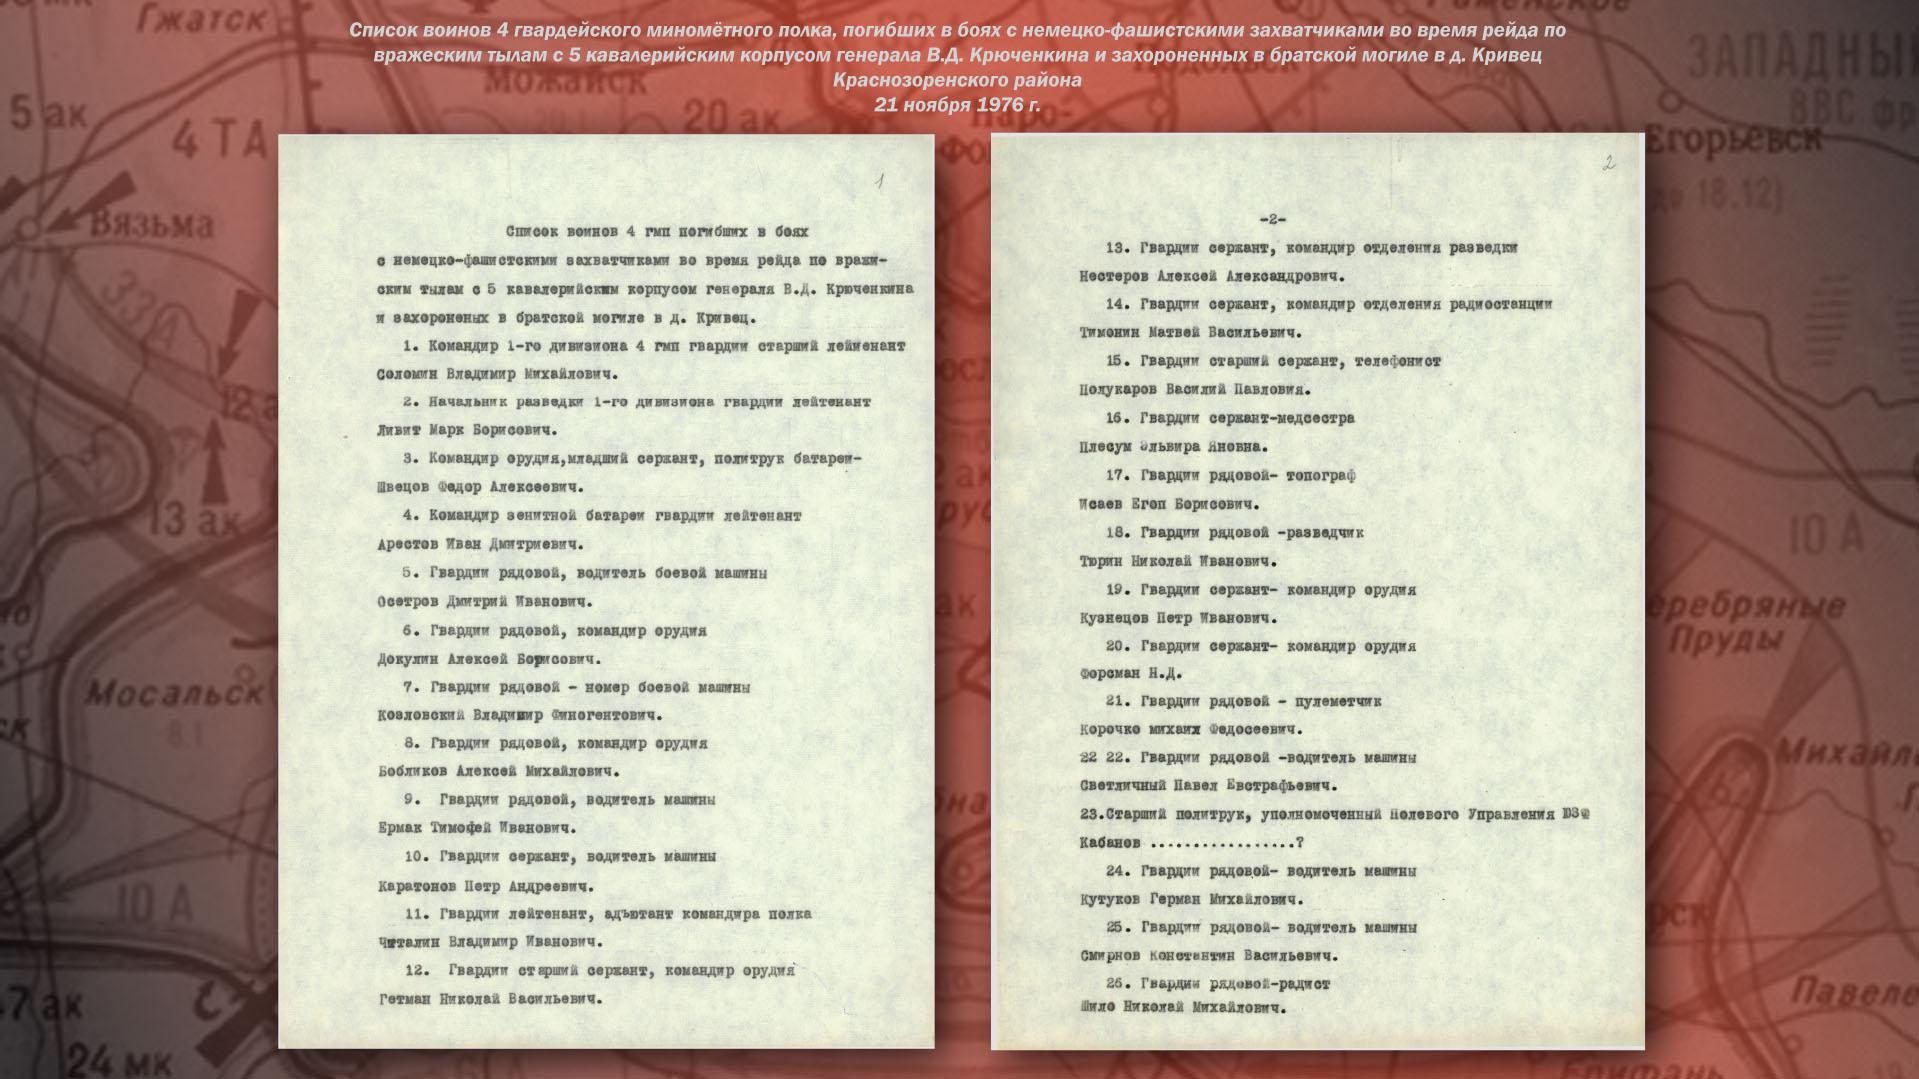 Список воинов 4 гвардейского минометного полка, погибших в боях